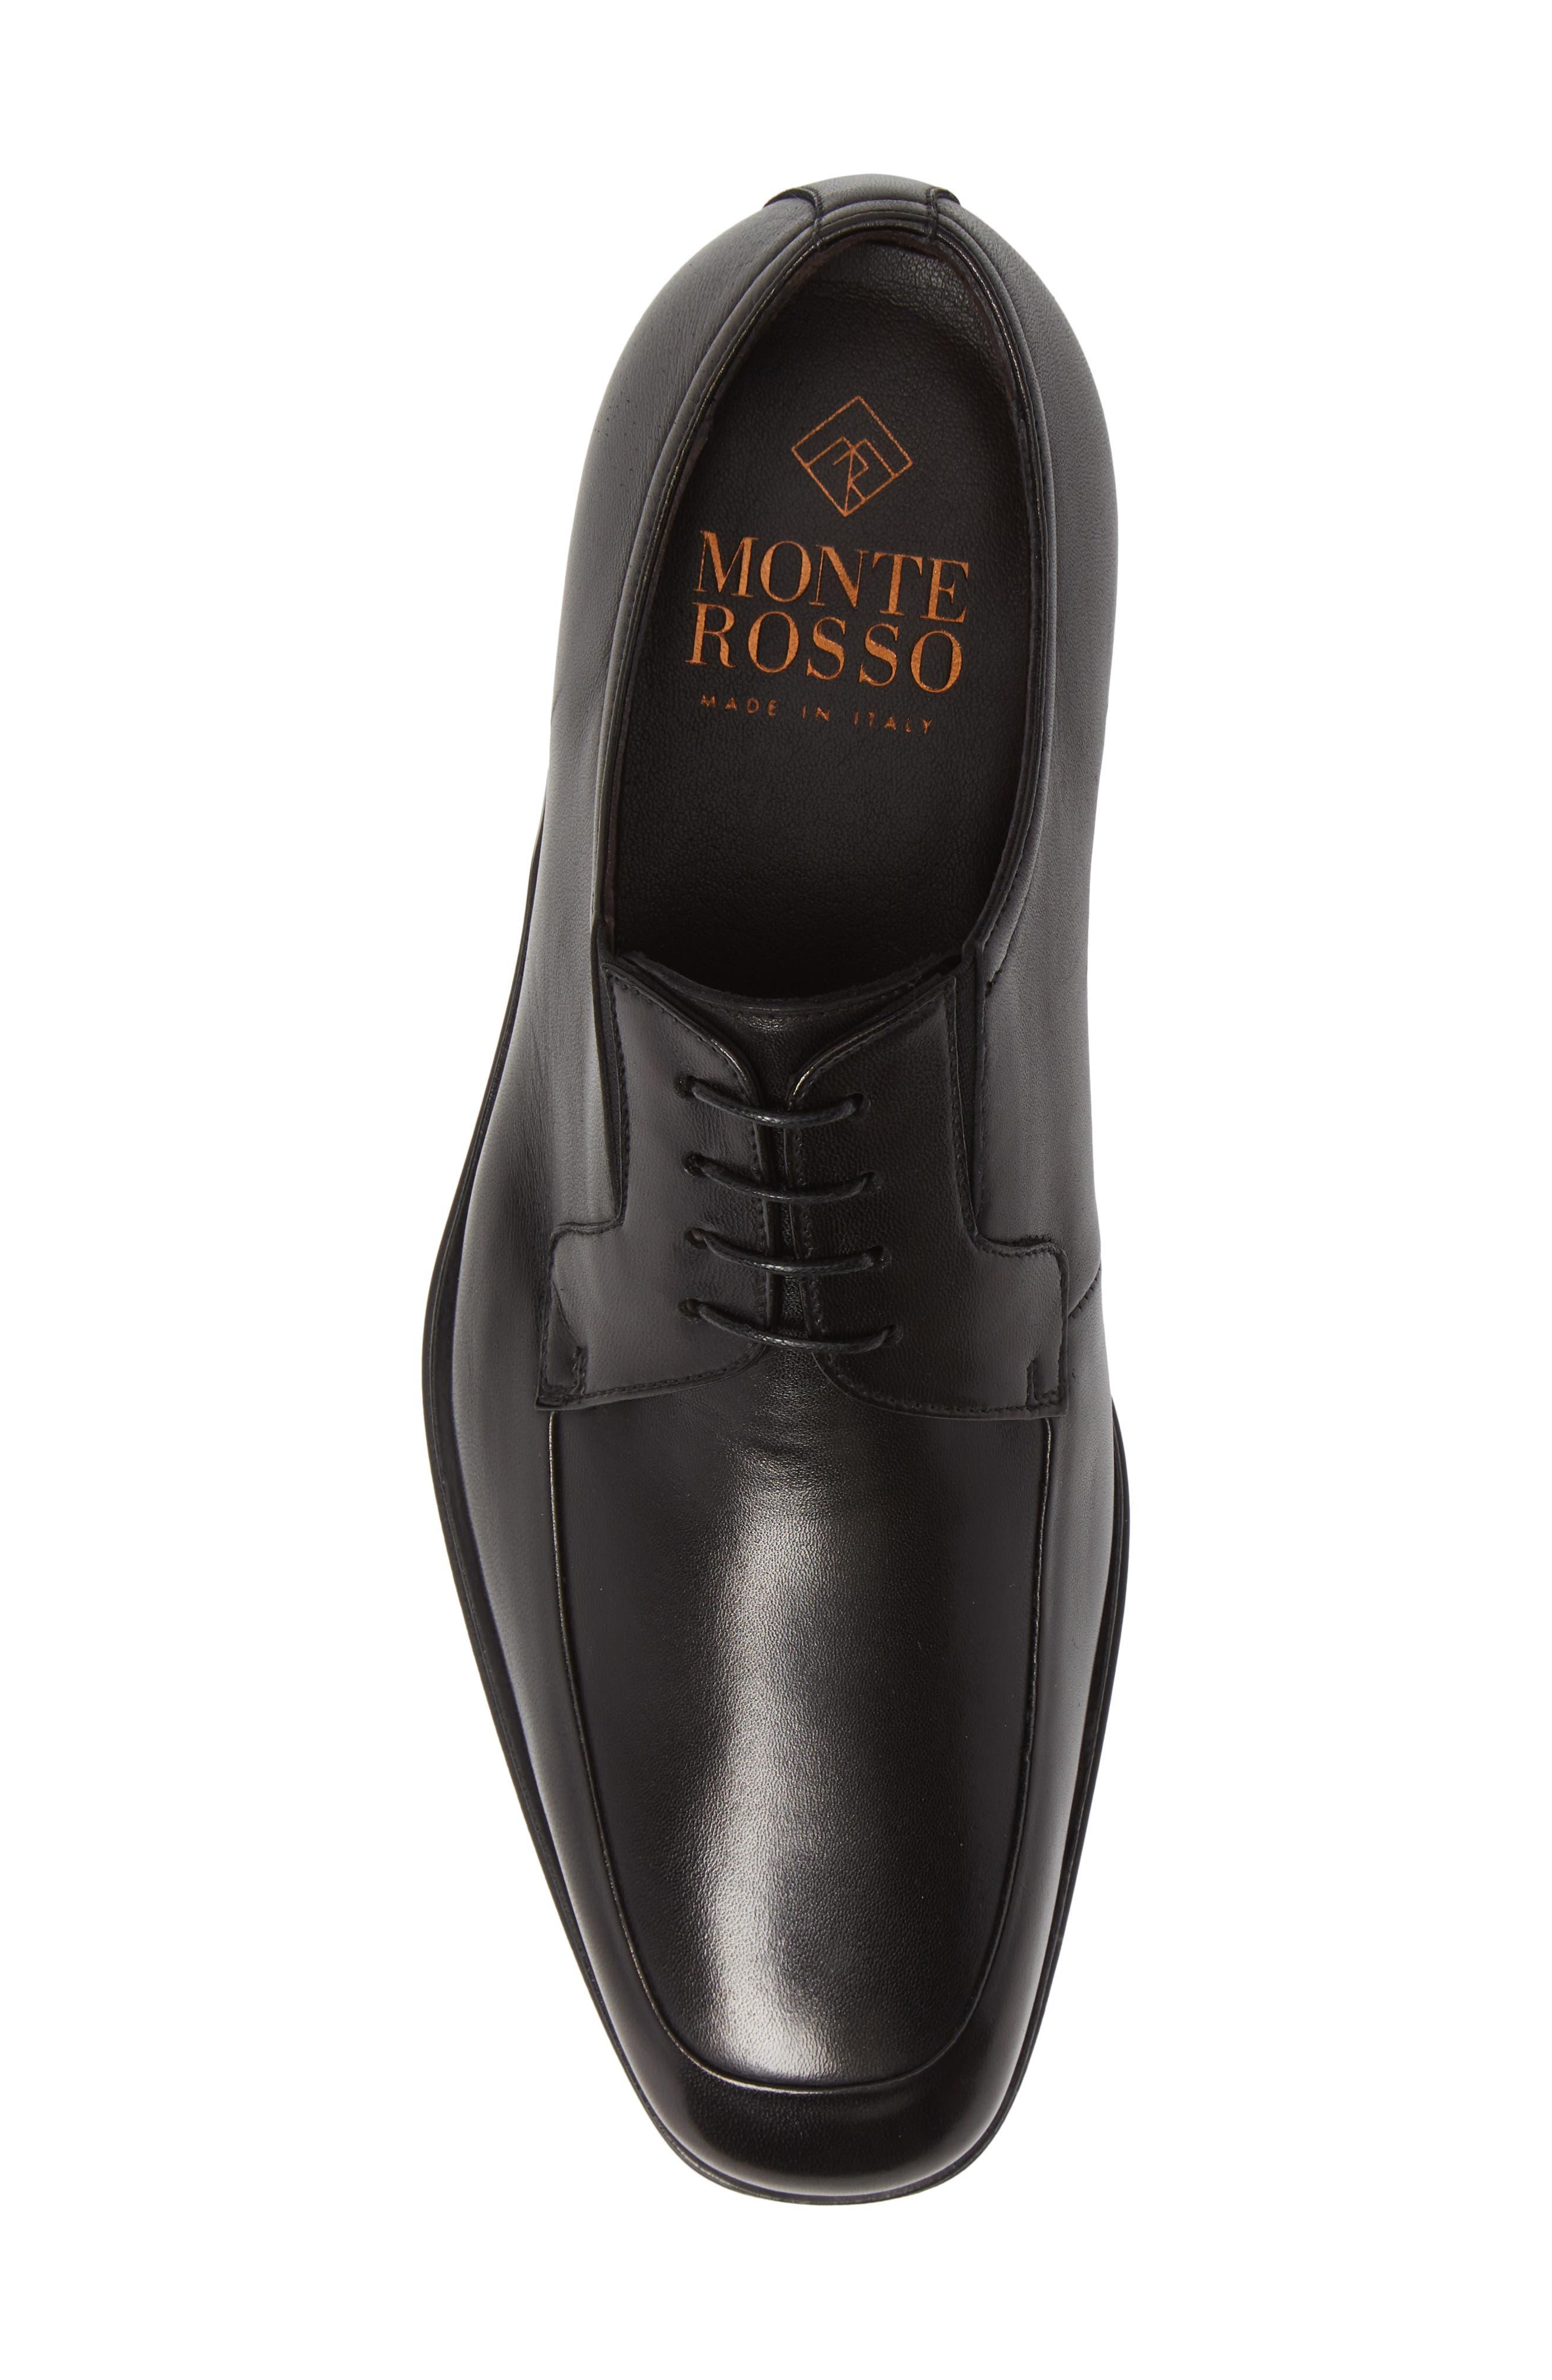 MONTE ROSSO,                             Montre Rosso Patrizio Apron Toe Derby,                             Alternate thumbnail 5, color,                             001